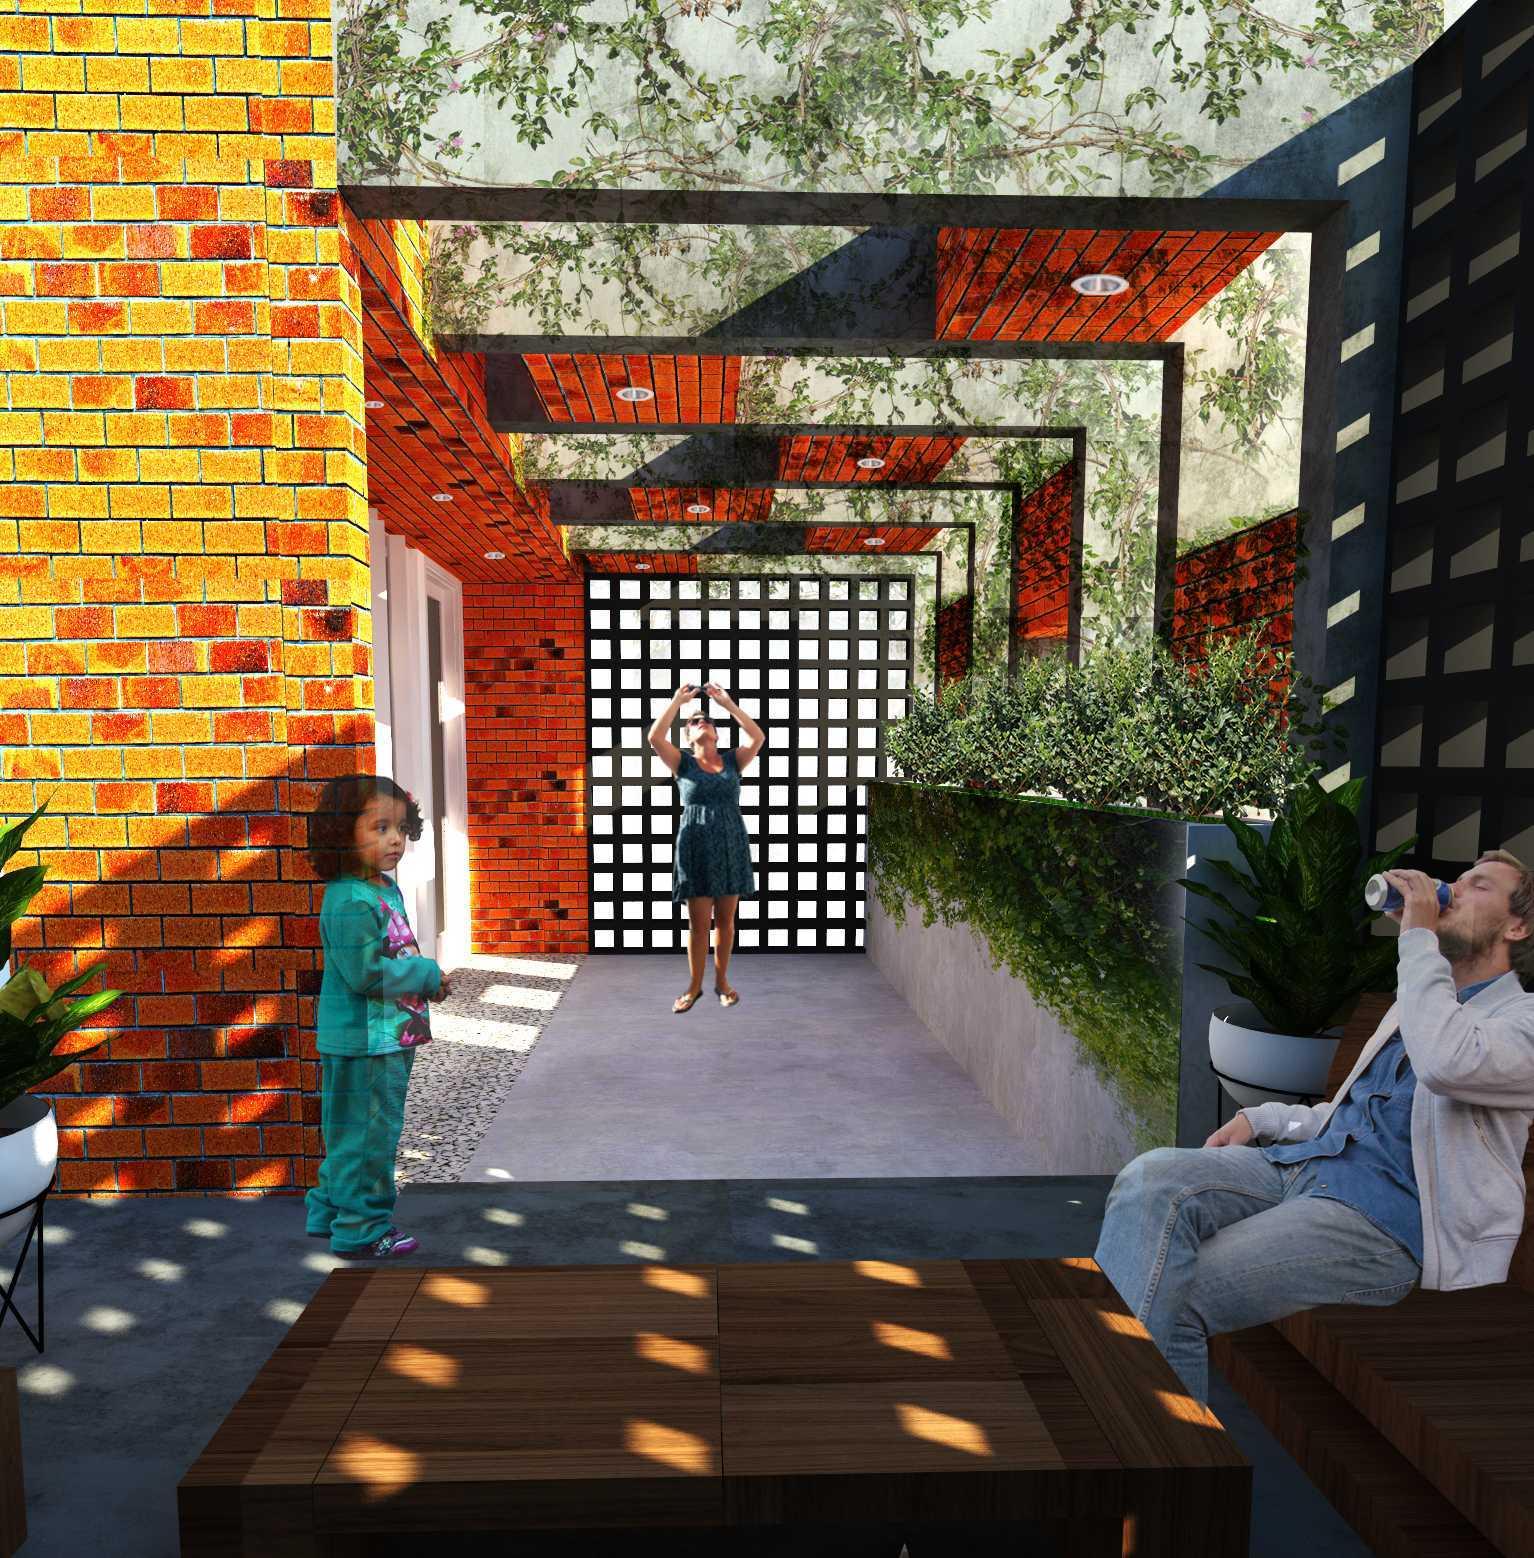 Astabumi Studio Omah Taman Singgah Tegal Tegal, Kota Tegal, Jawa Tengah, Indonesia Tegal, Kota Tegal, Jawa Tengah, Indonesia Astabumi-Architect-Interior-Design-Omah-Taman-Singgah-Tegal  84117